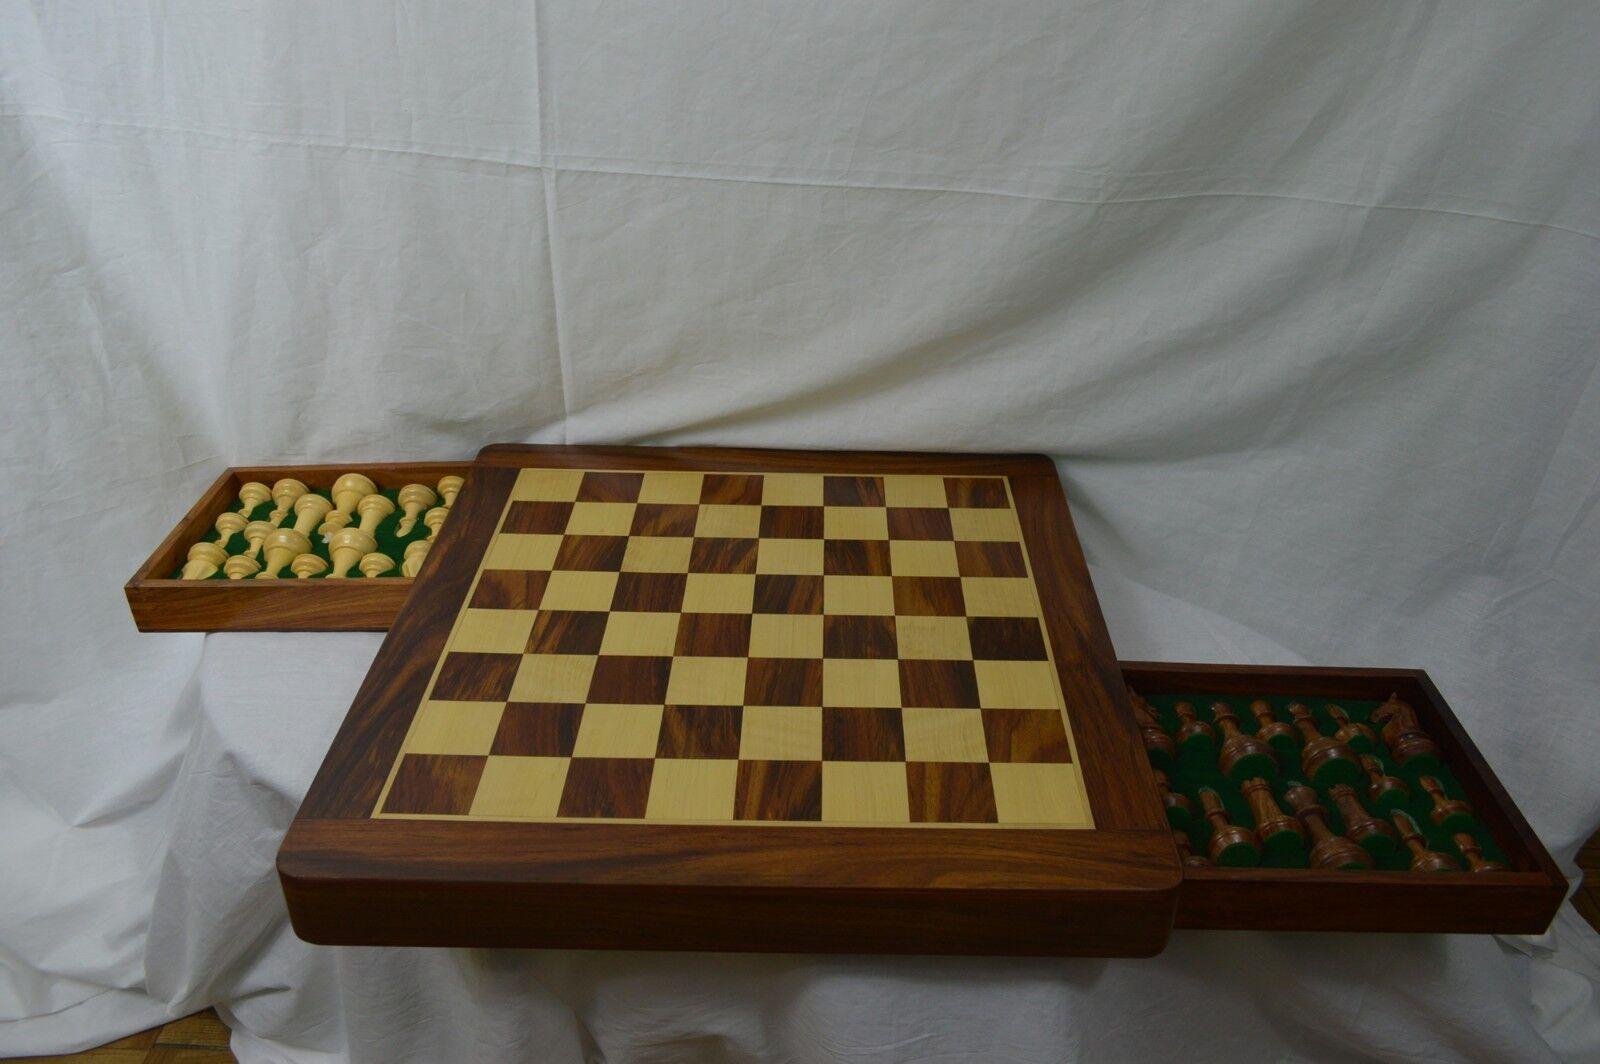 Hermosa mano hecha a mano de madera tablero de ajedrez con construido en almacenamiento y piezas